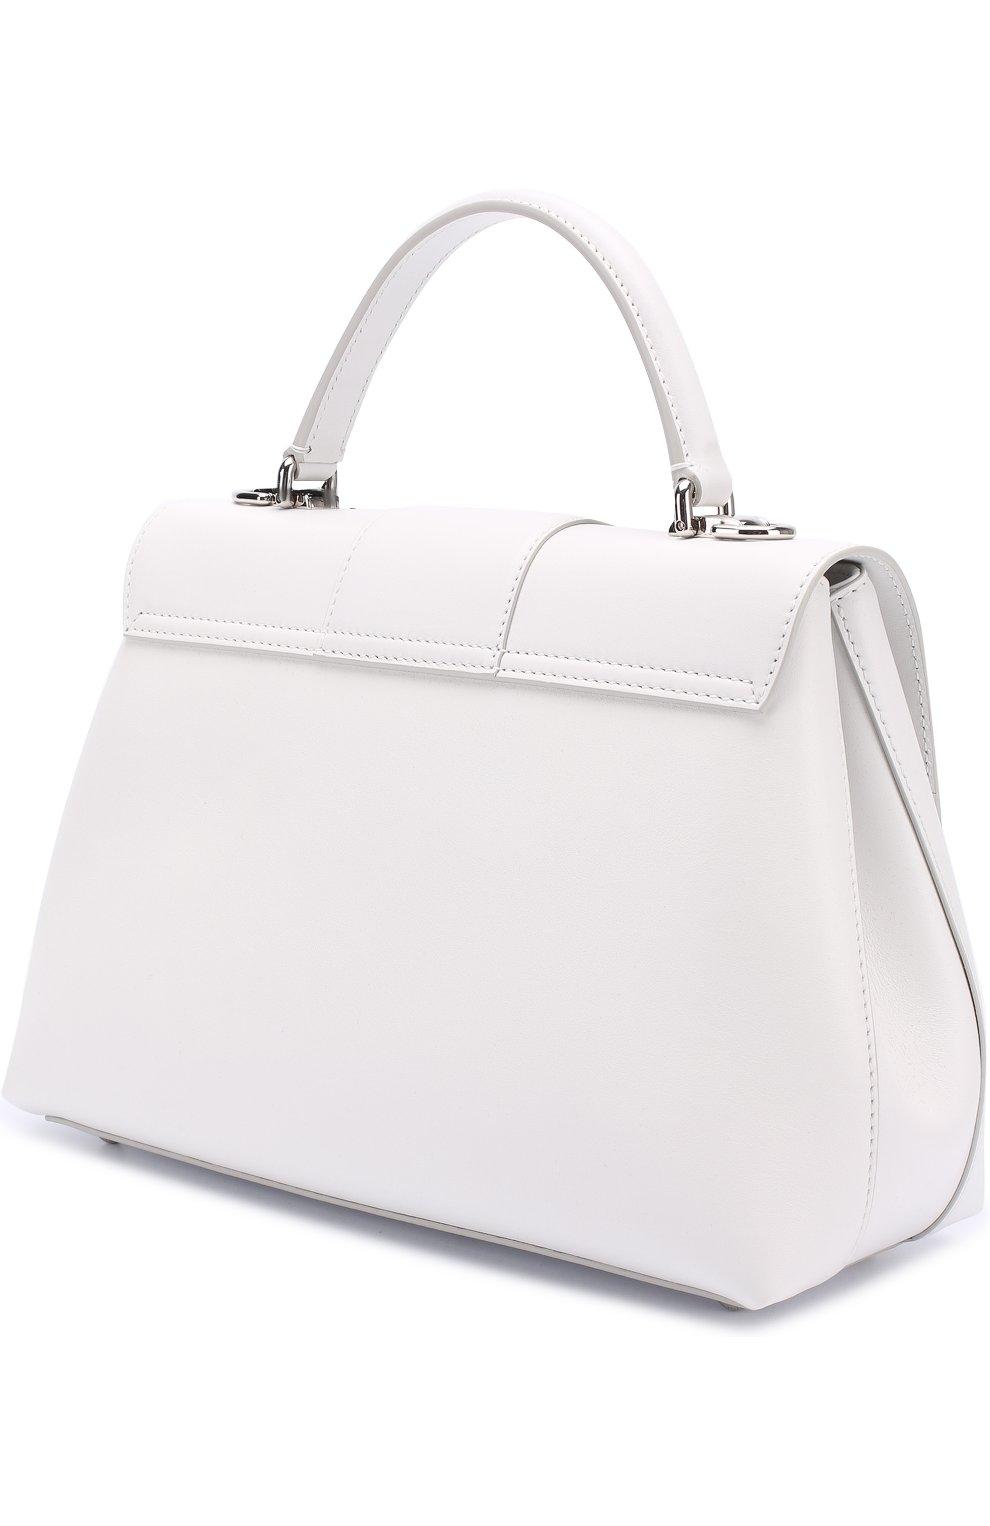 Сумка Lucia Dolce & Gabbana белая цвета | Фото №3